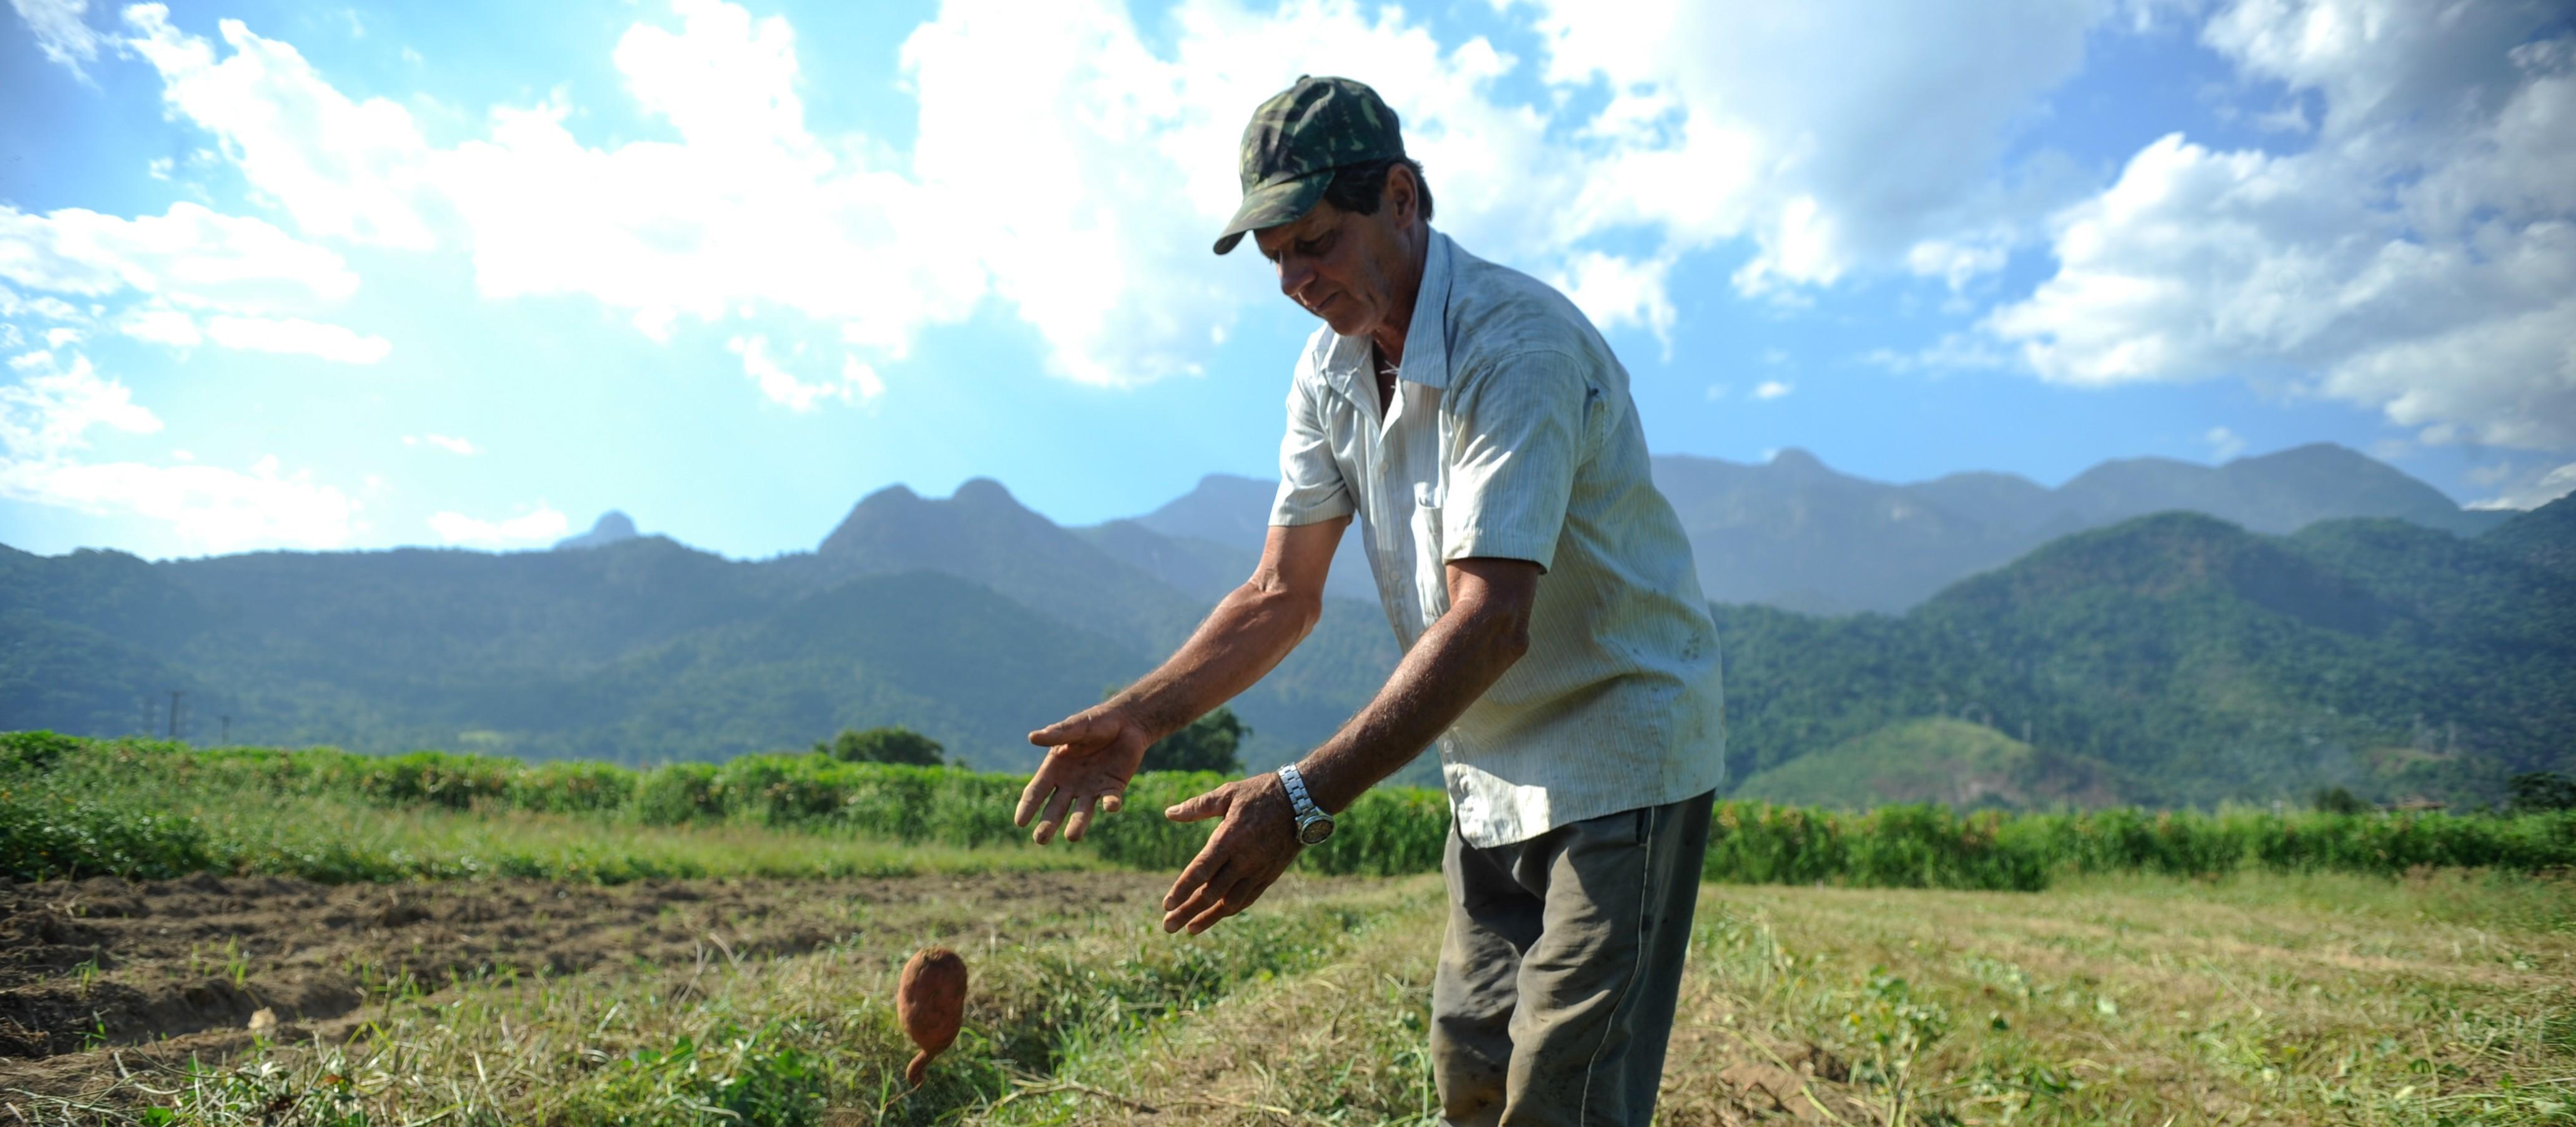 Dia do Agricultor é celebrado neste dia 28 de julho